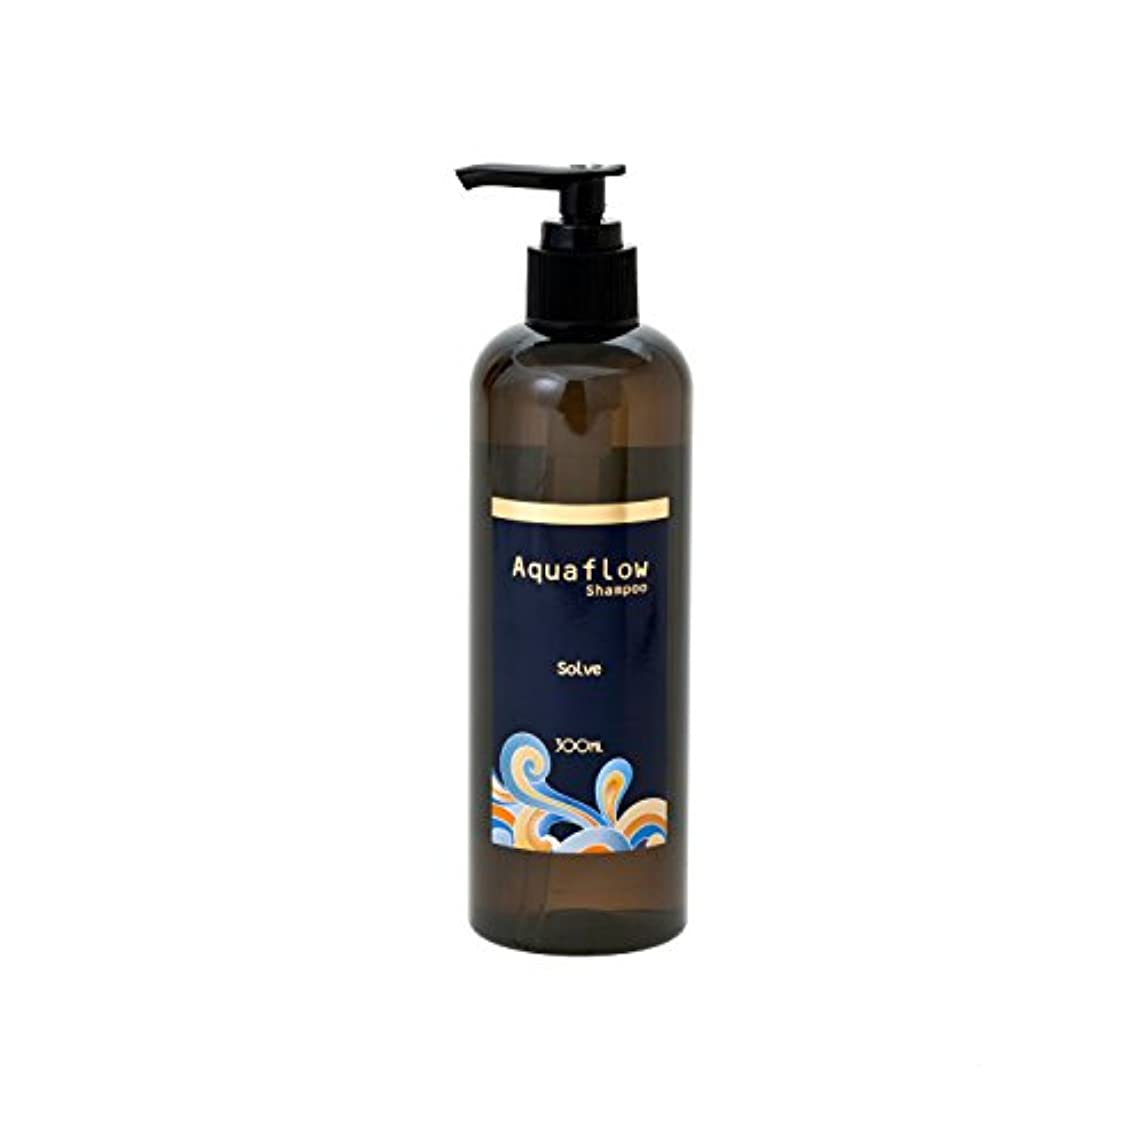 水簡単に空港縮毛矯正した髪?カラーの繰り返しで大きくダメージした髪用シャンプーAquaflow「栄養そのもので洗うsolve」ソルブシャンプー アクアフロー 300mlサイズ